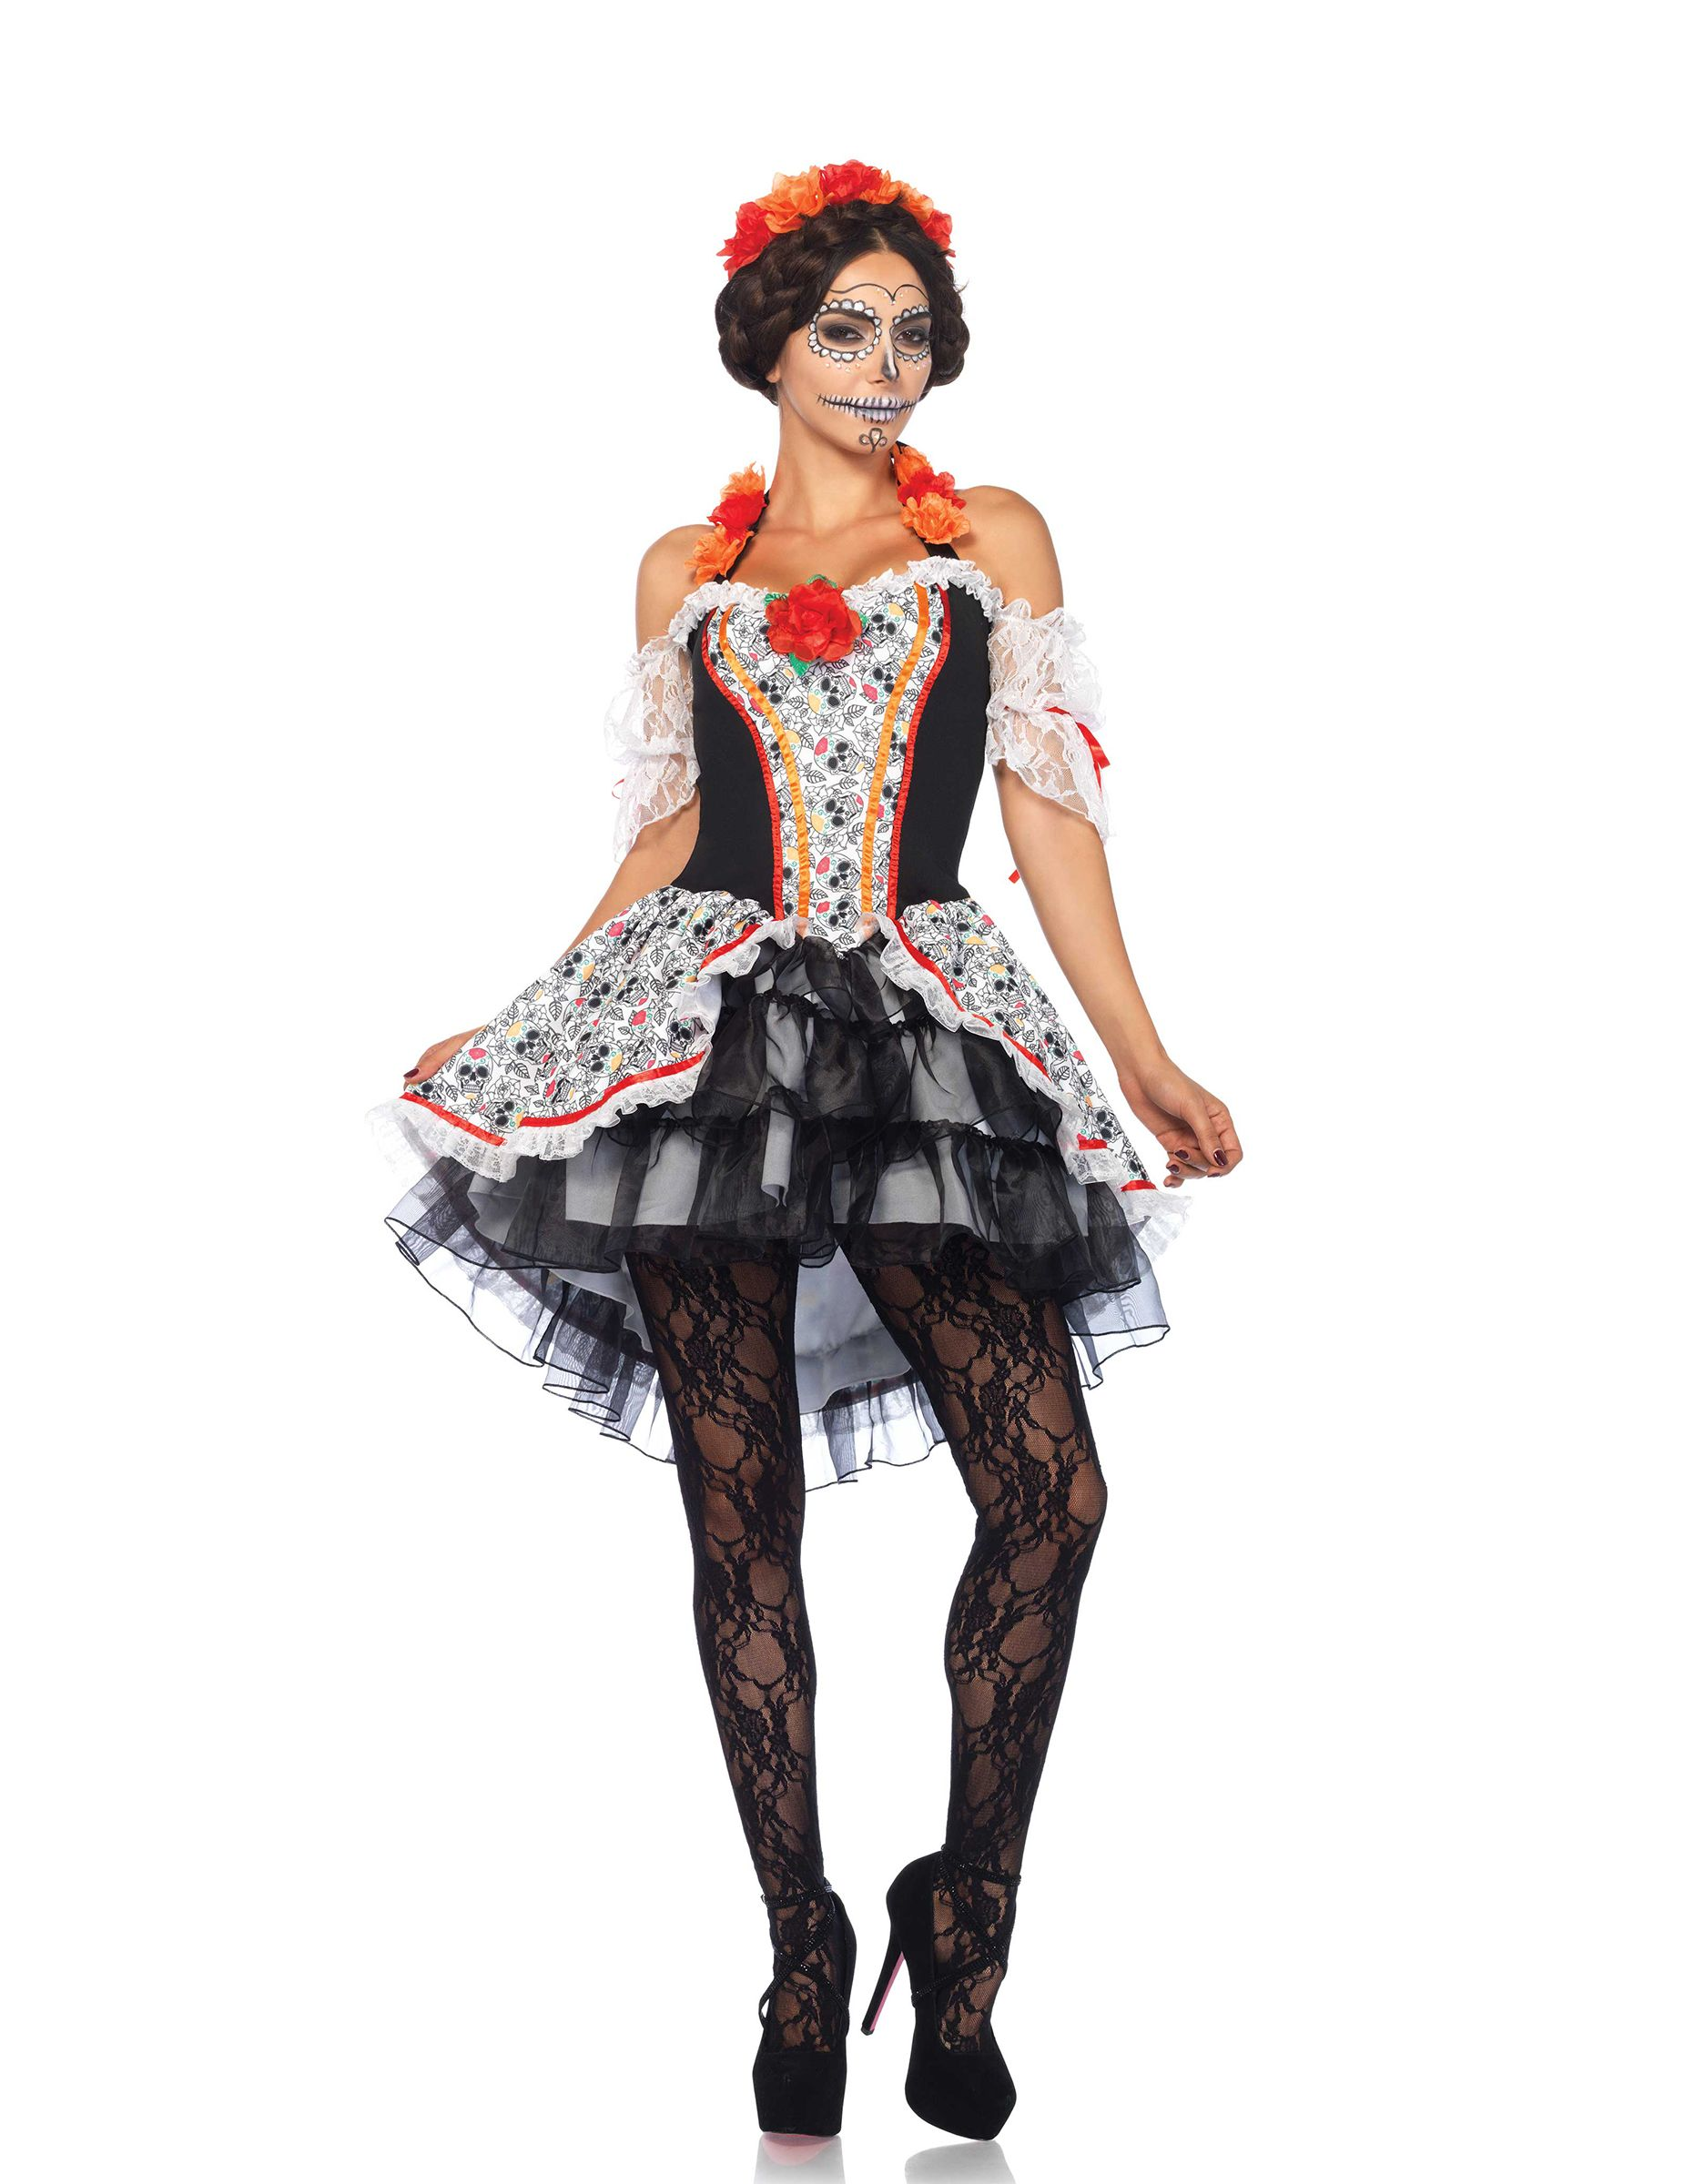 Disfraz calavera Día de los muertos mujer Halloween | Home-made ...